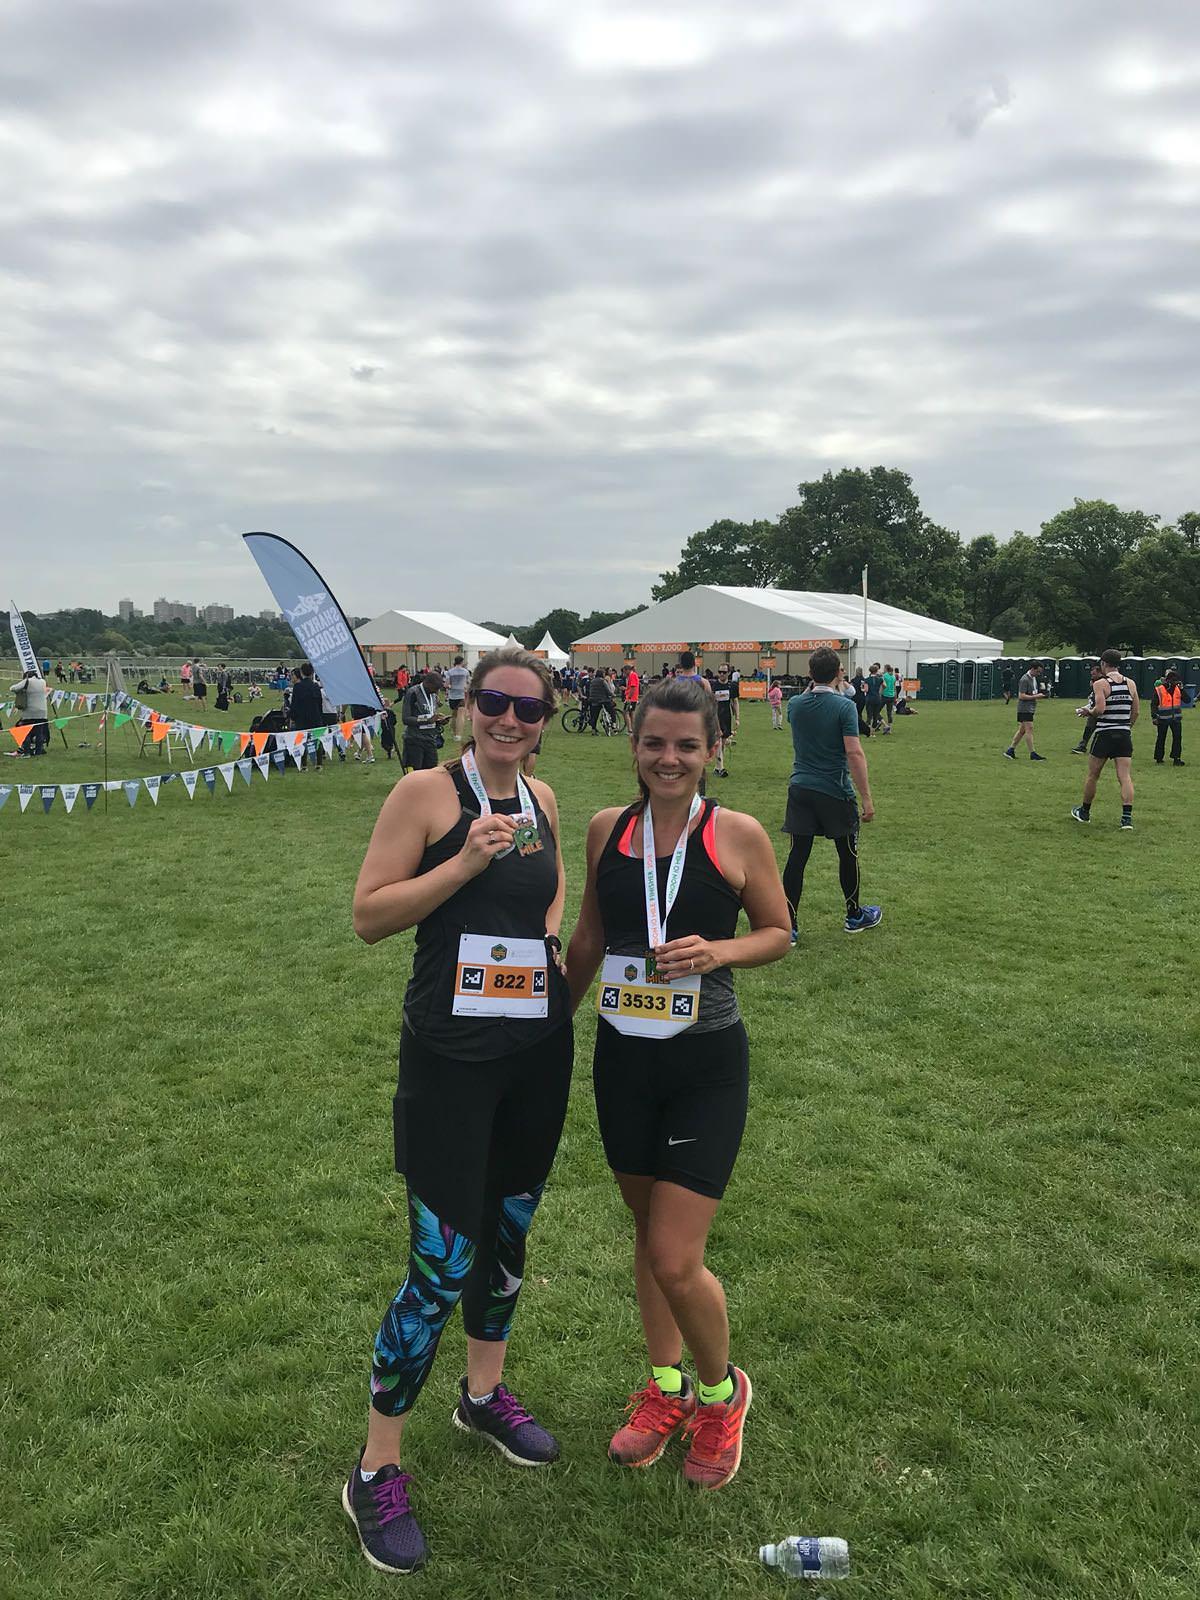 London 10 Miler Race Recap